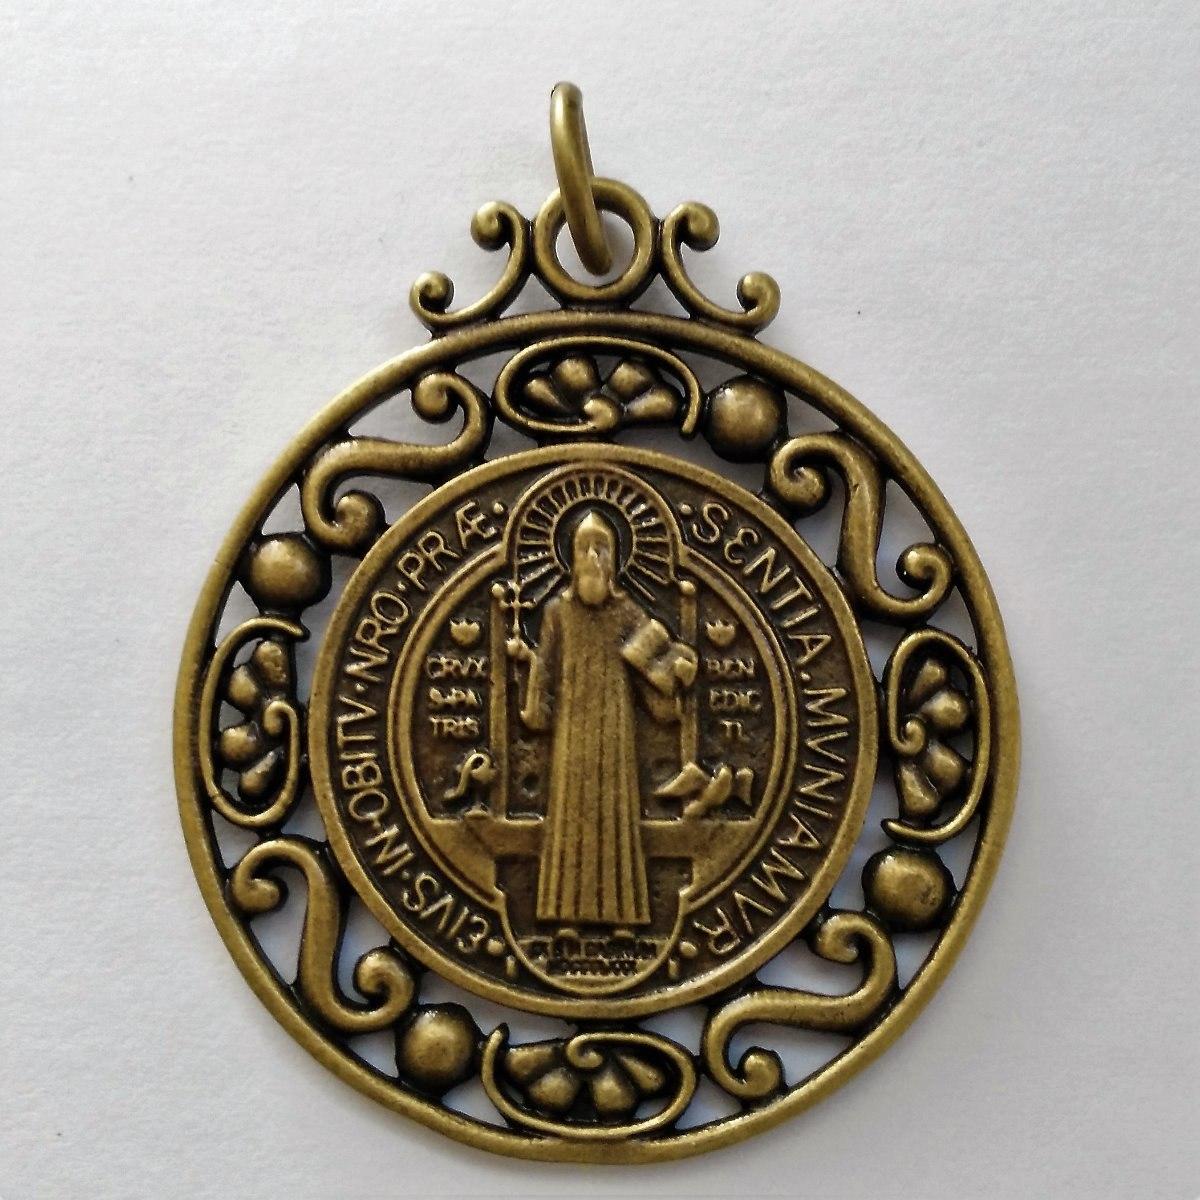 d1bda393d5a medalla san benito extra grande acabado colonial antigua. Cargando zoom.